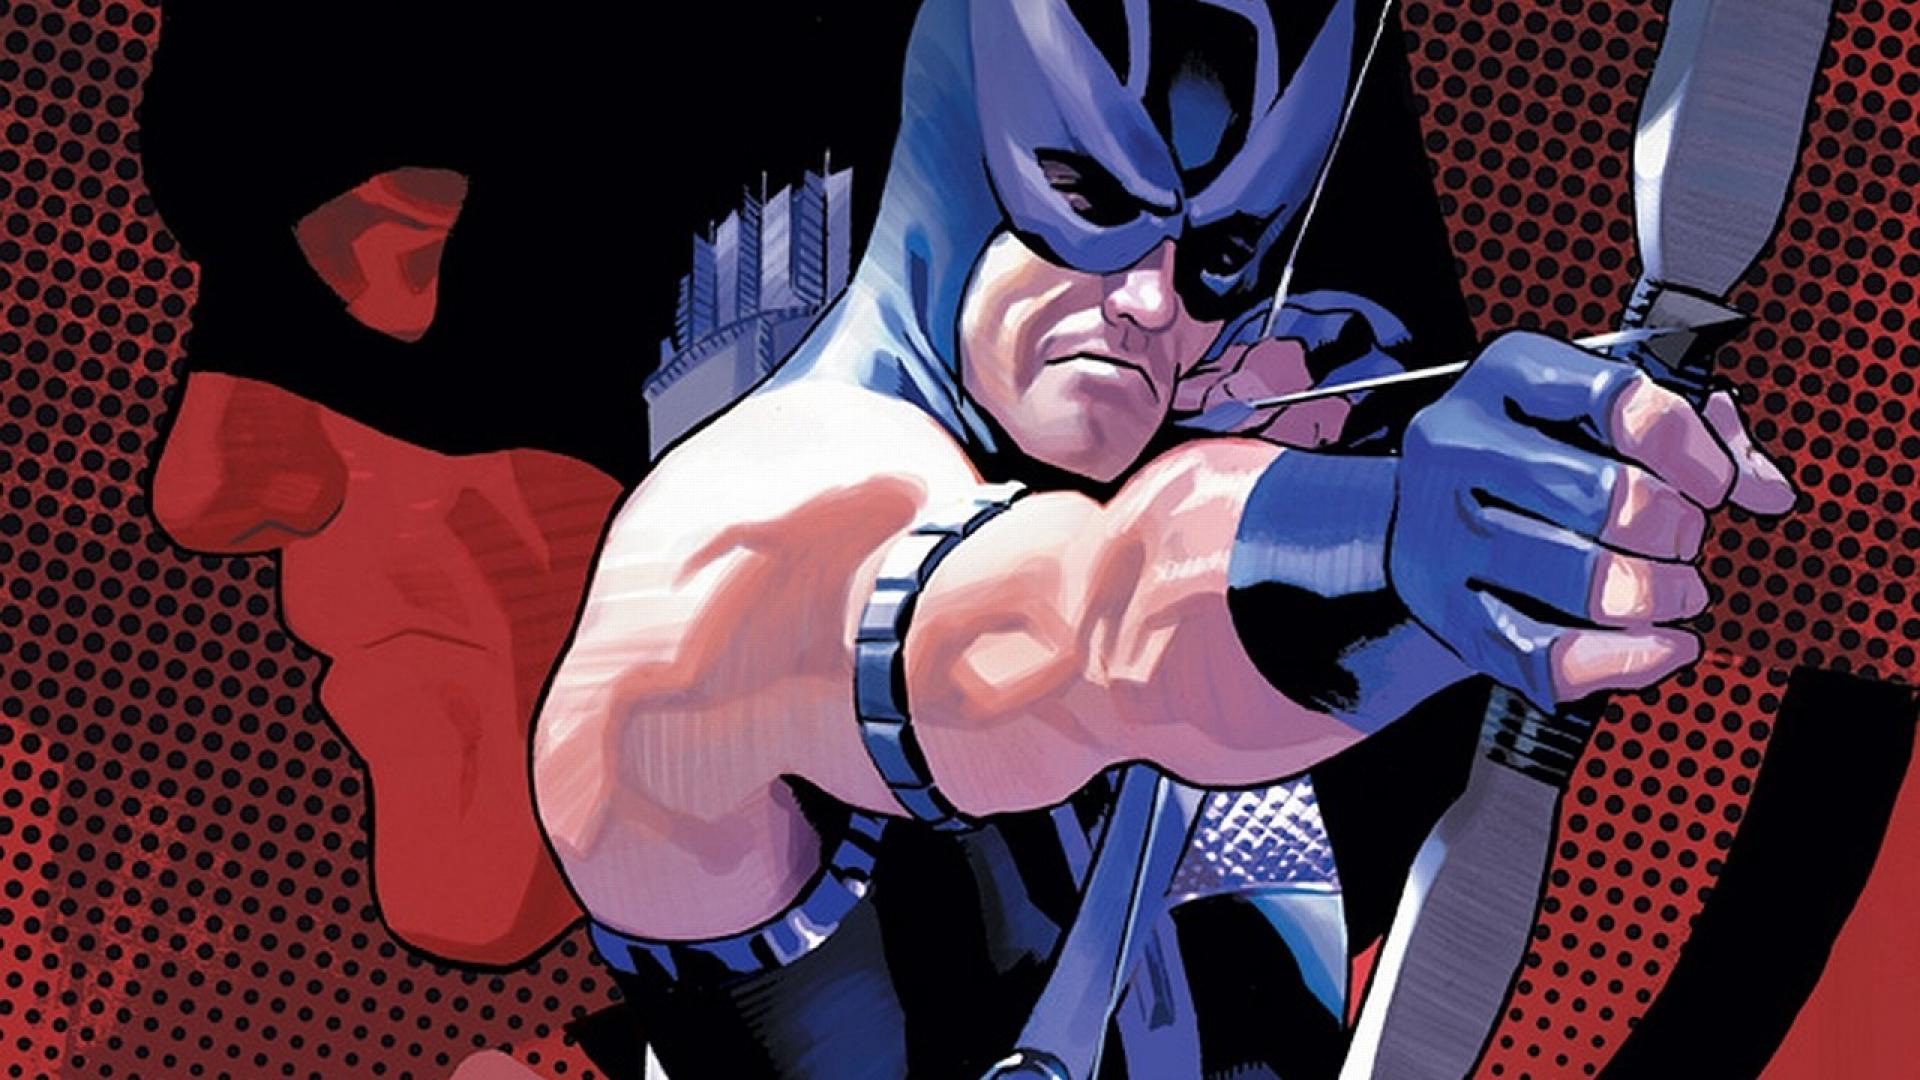 Comics marvel hawkeye wallpaper 27501 1920x1080